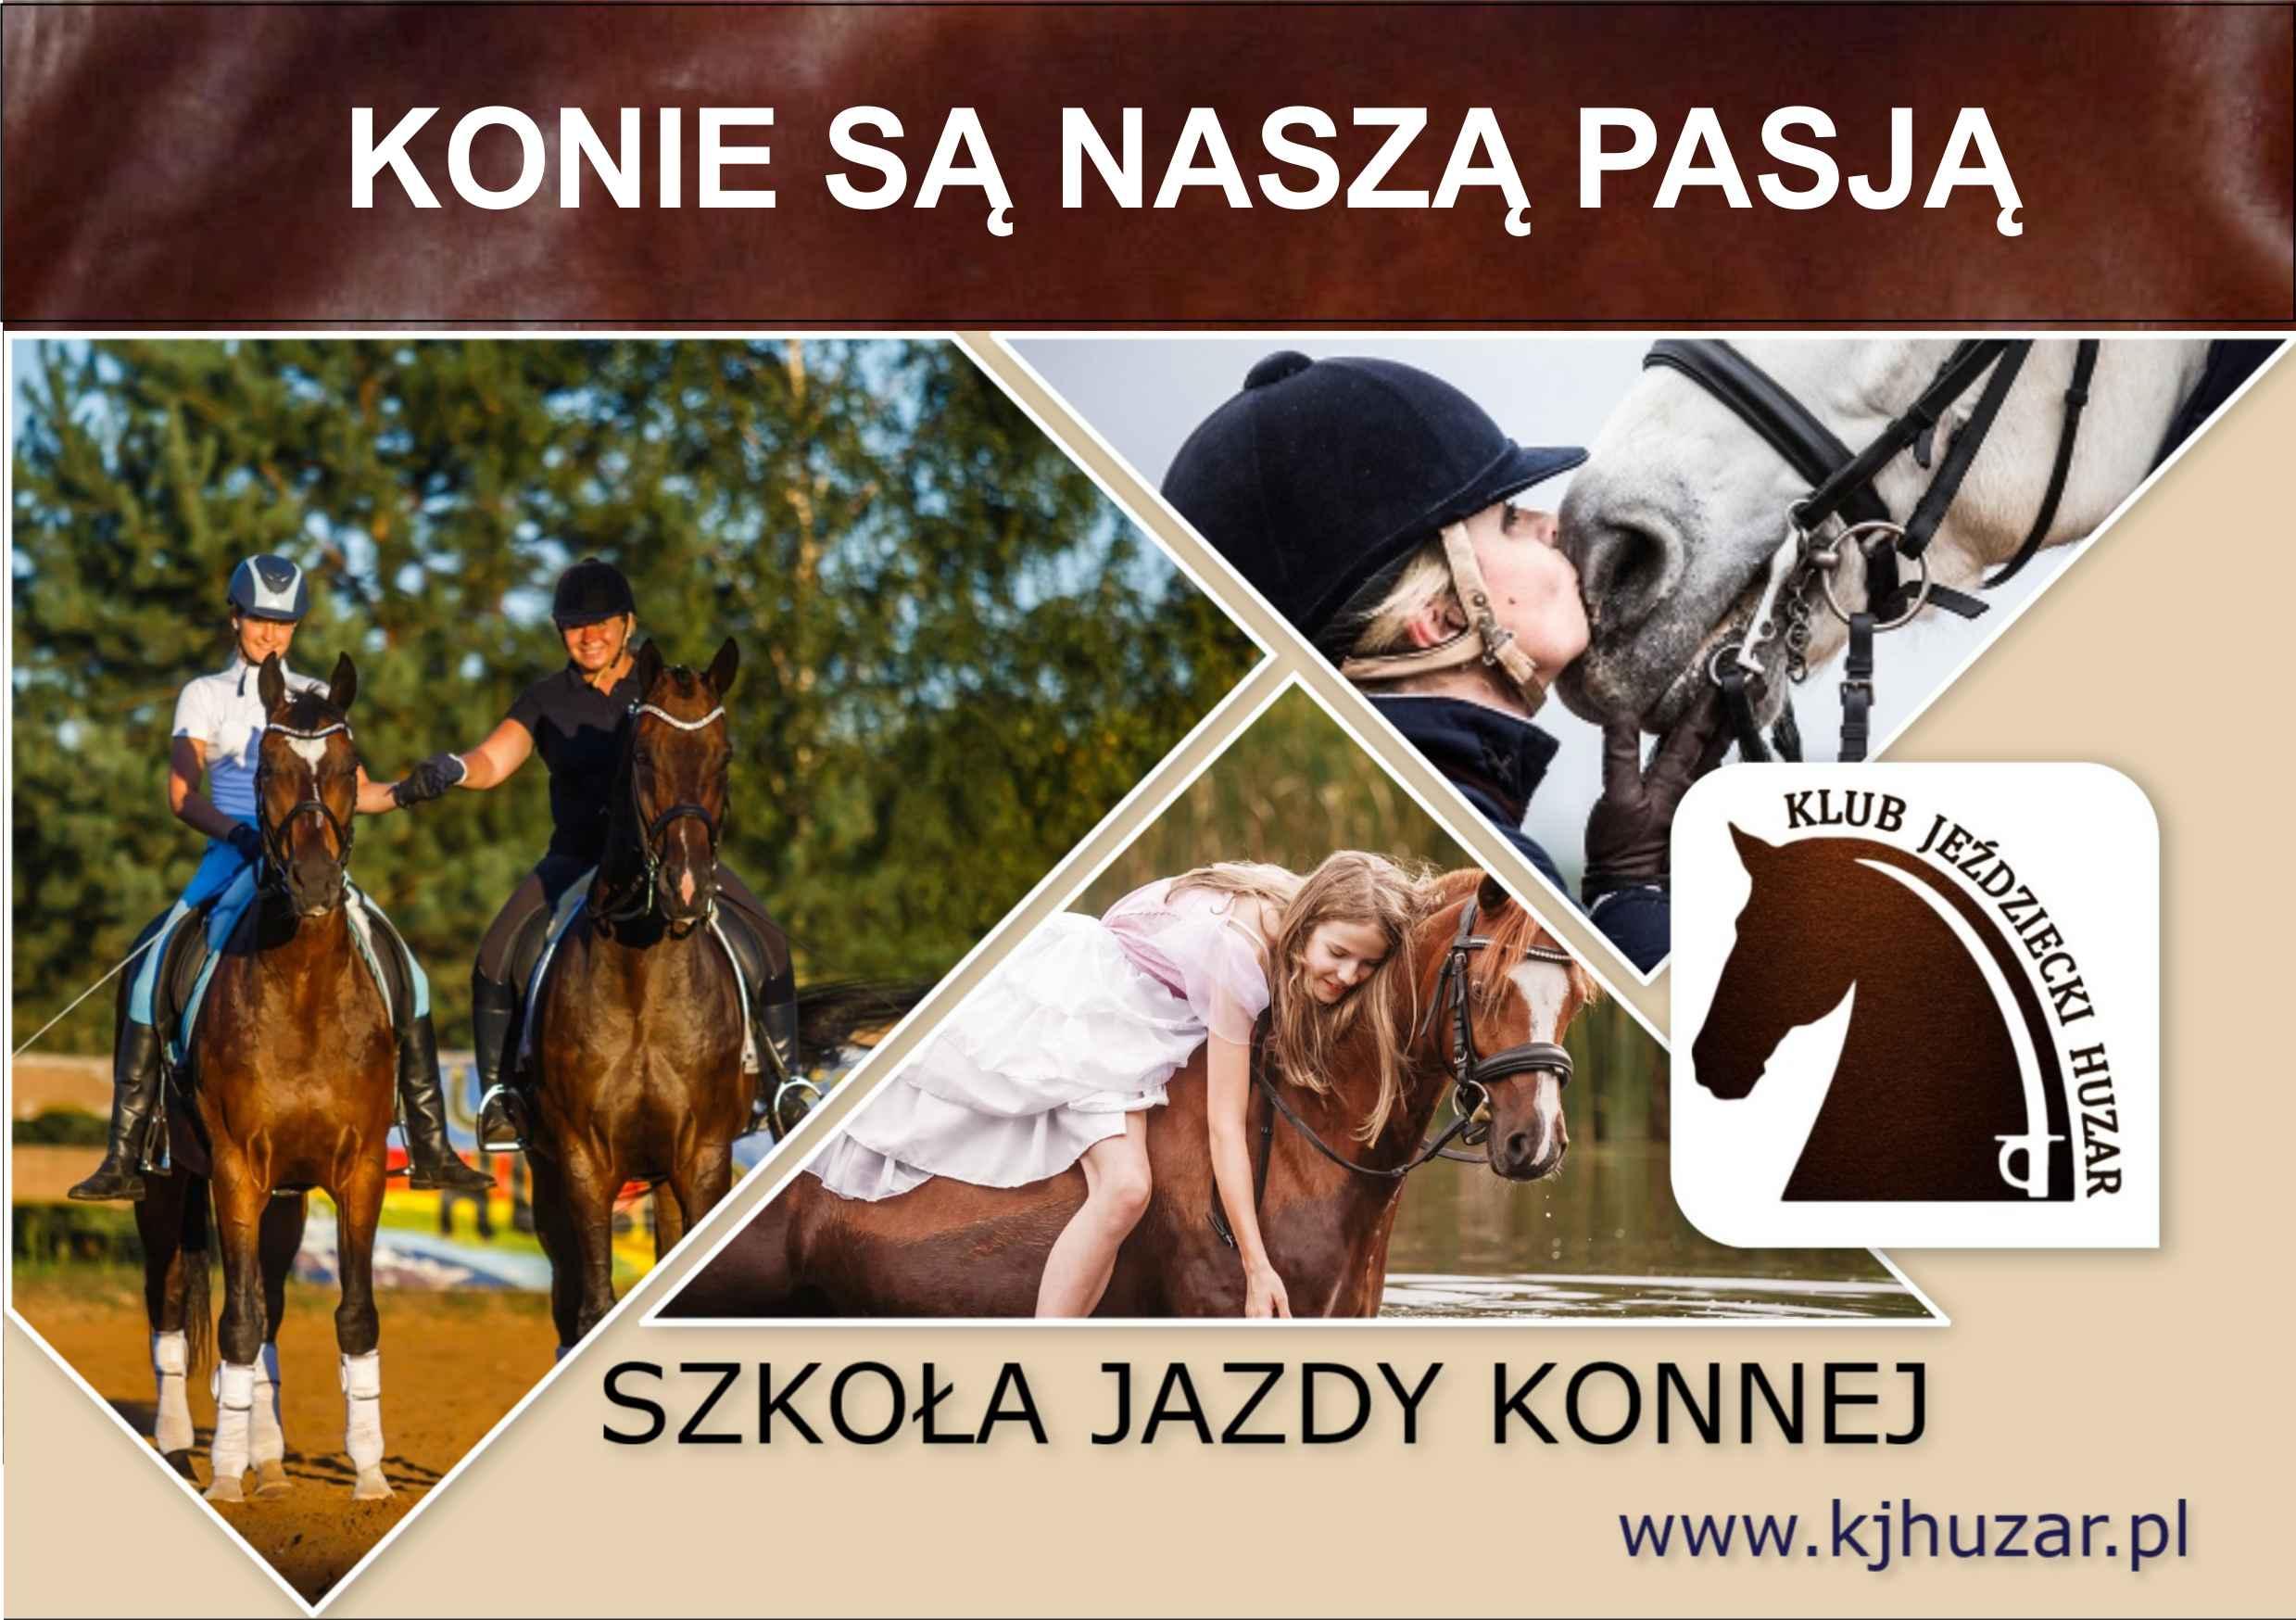 szkoła jazdy konnej